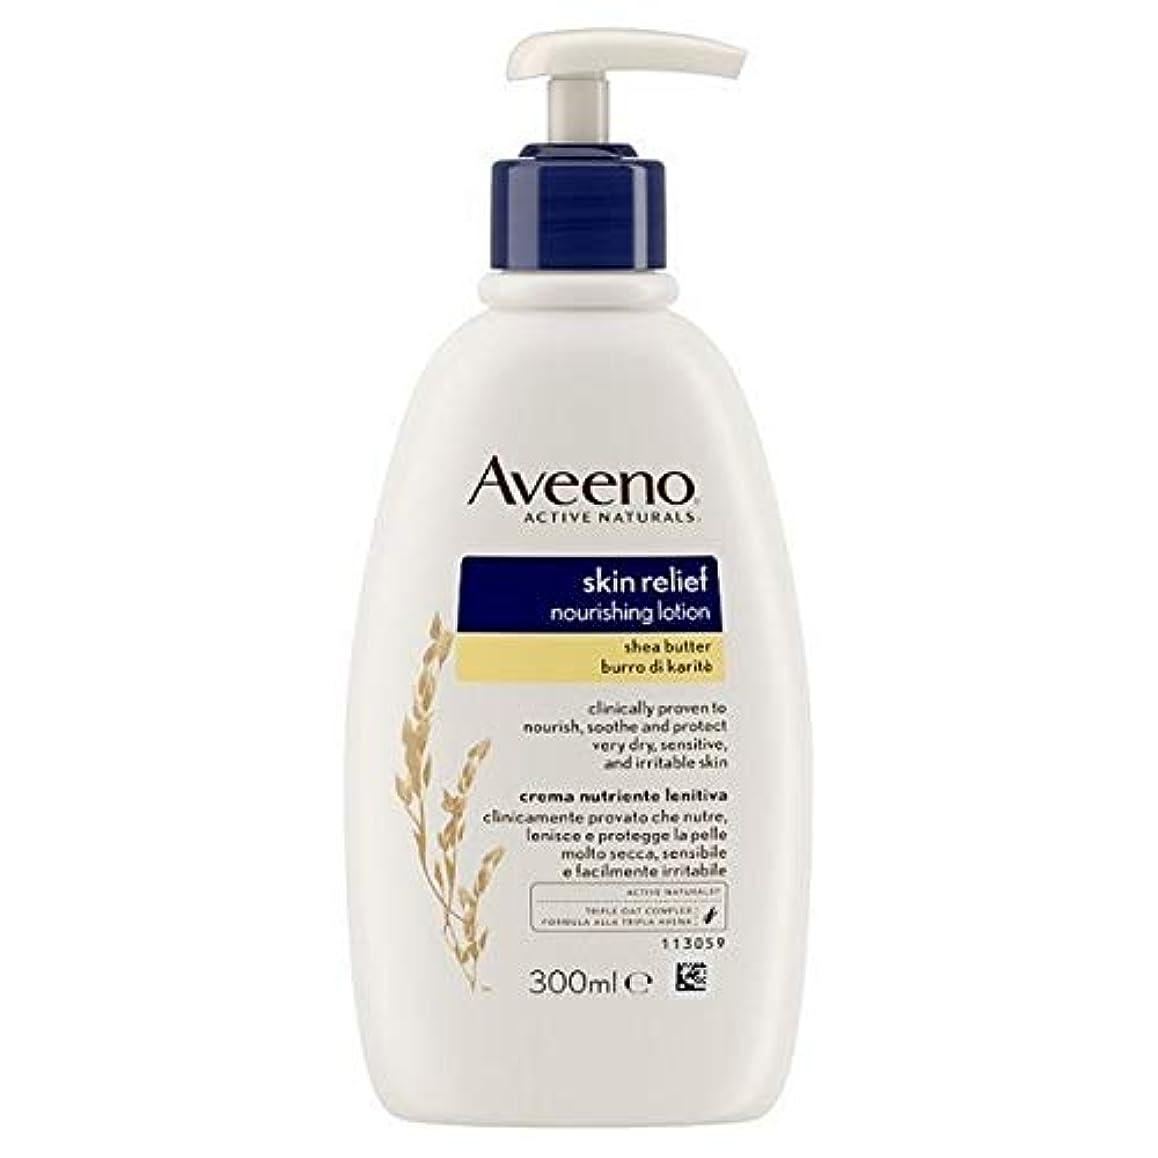 終了しました予想する保存[Aveeno] Aveenoスキンリリーフローション300ミリリットル - Aveeno Skin Relief Lotion 300ml [並行輸入品]